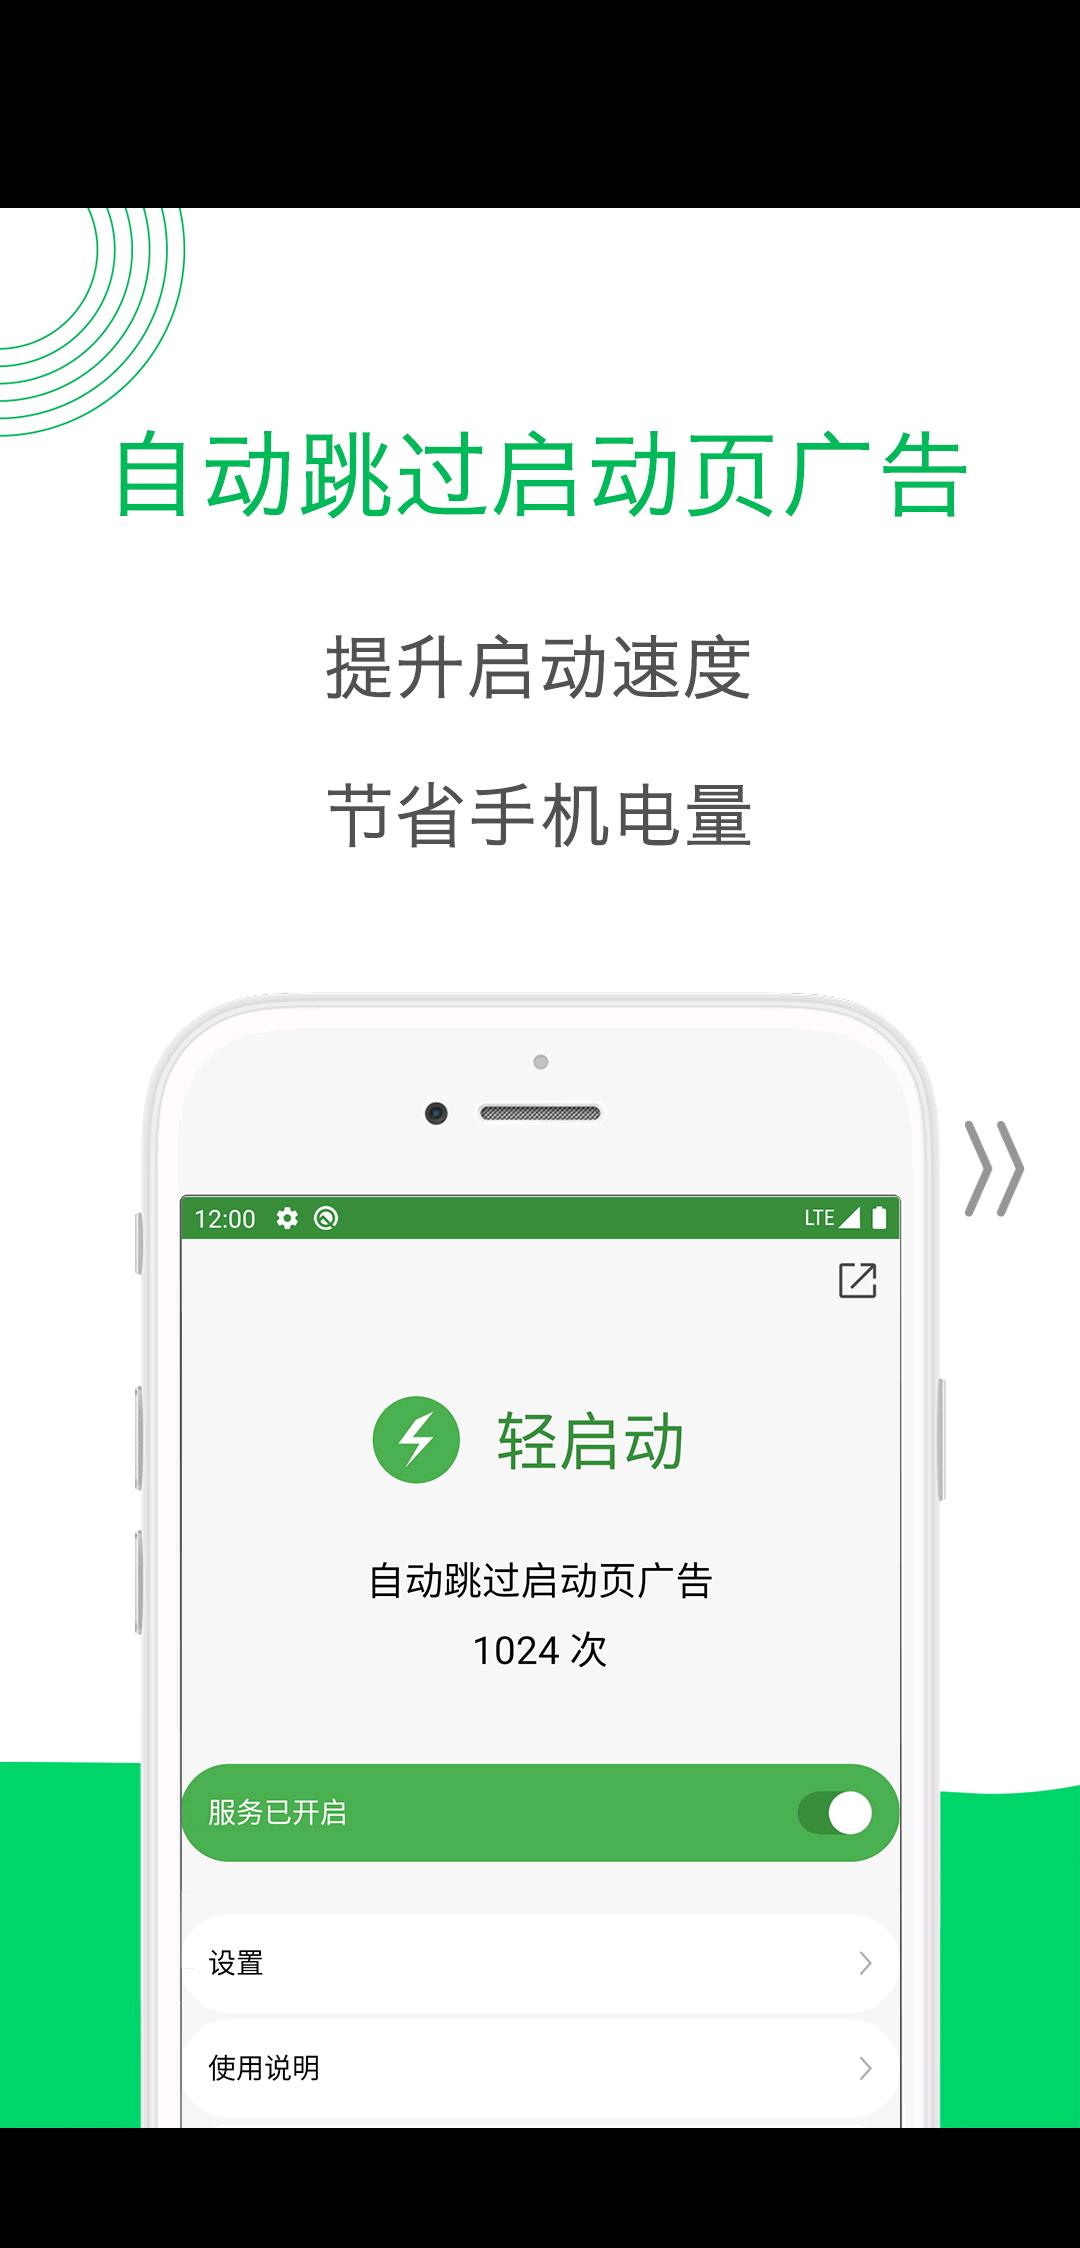 【分享】轻启动 - 提升APP启动速度可以帮您自动跳过启动页广告